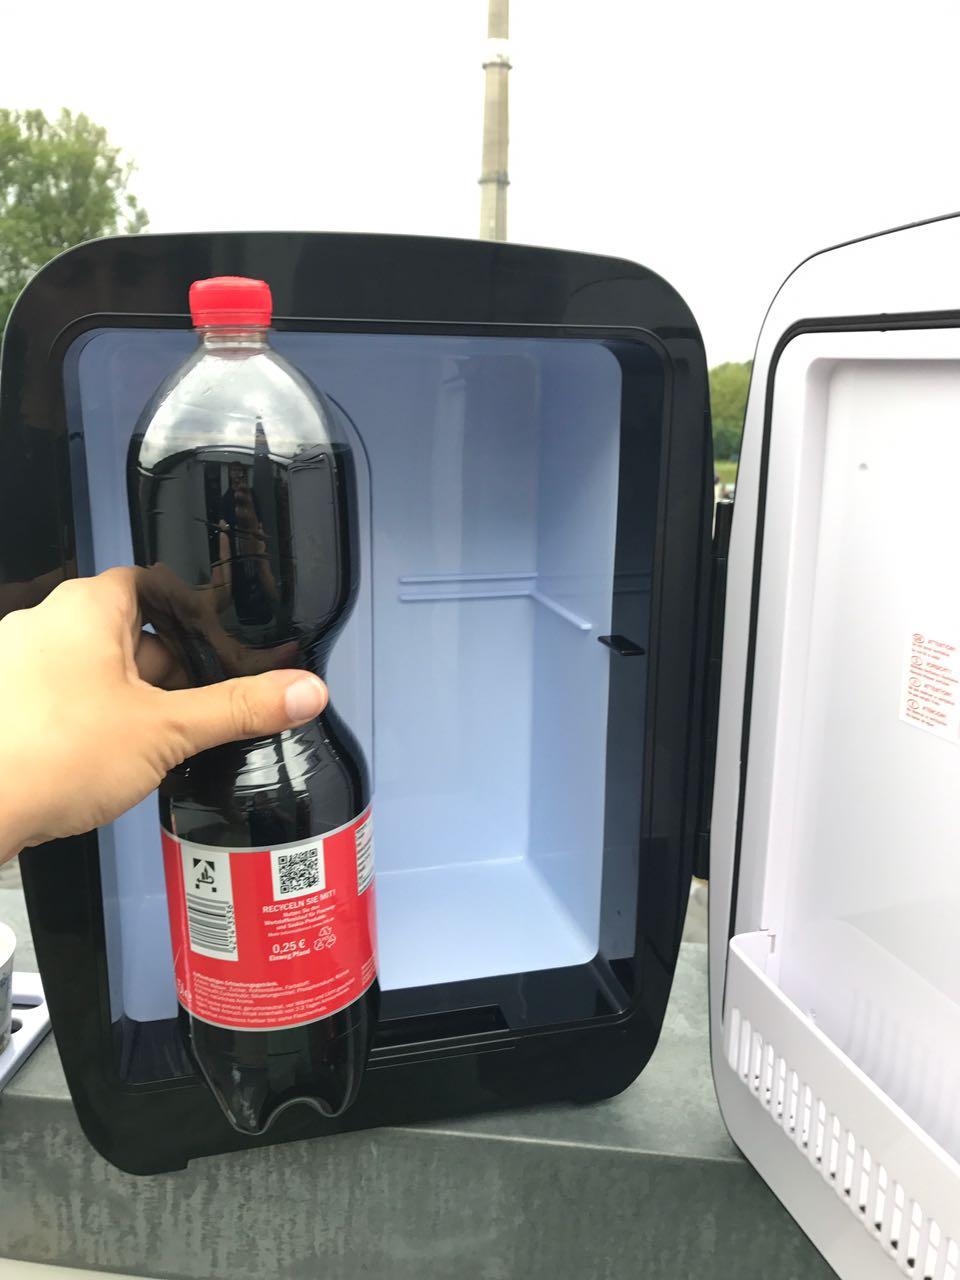 Kühlschrank to go [Mobiler Kühlschrank von OneConcept (4 von 5)] im Produkttest